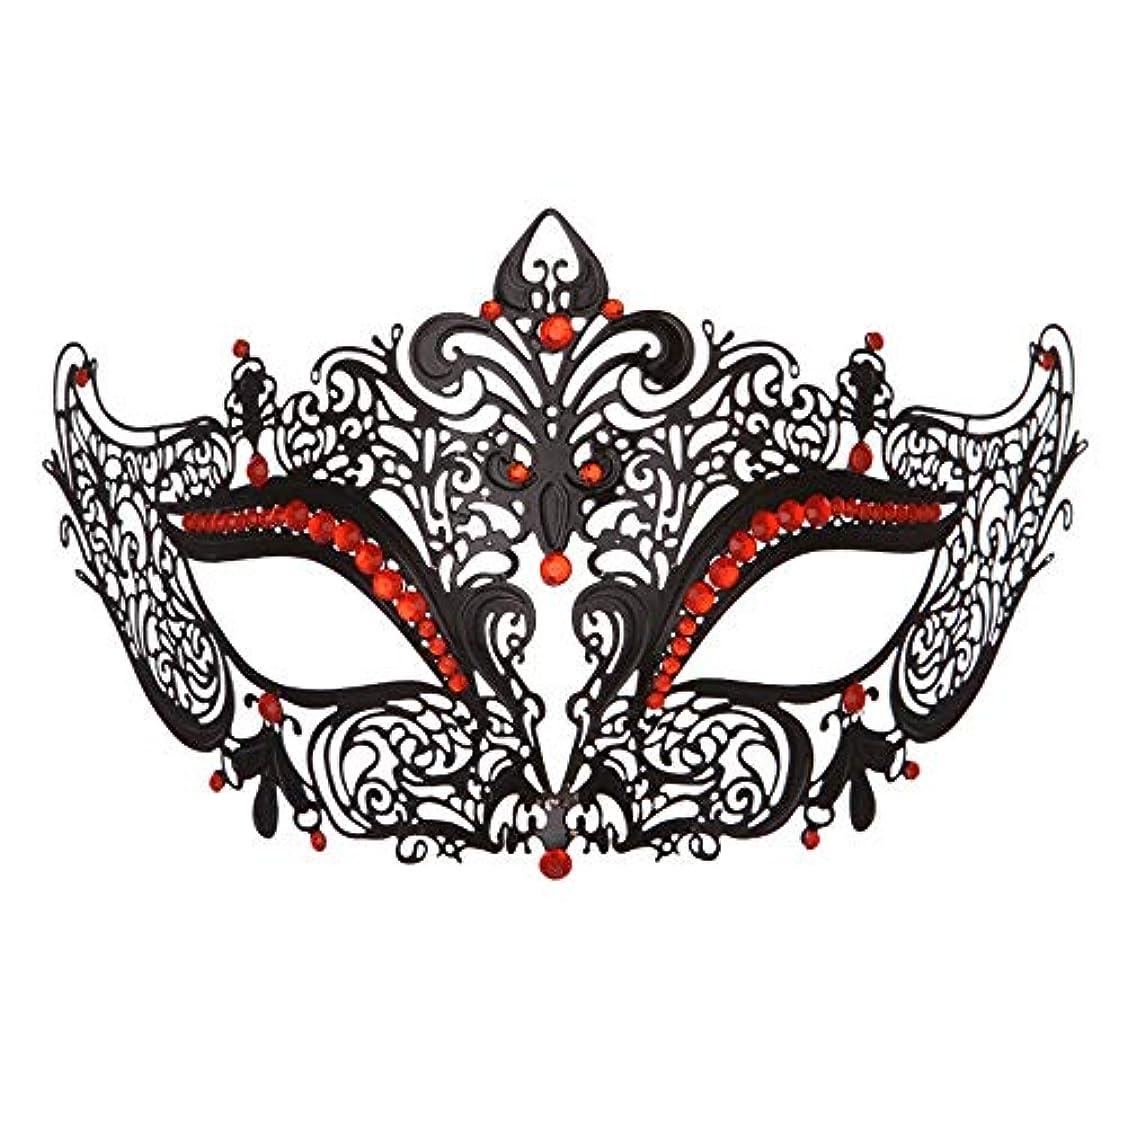 注意テント風が強いダンスマスク 高級金属鉄マスク女性美少女中空ハーフフェイスファッションナイトクラブパーティー仮面舞踏会マスク ホリデーパーティー用品 (色 : 赤, サイズ : 19x8cm)